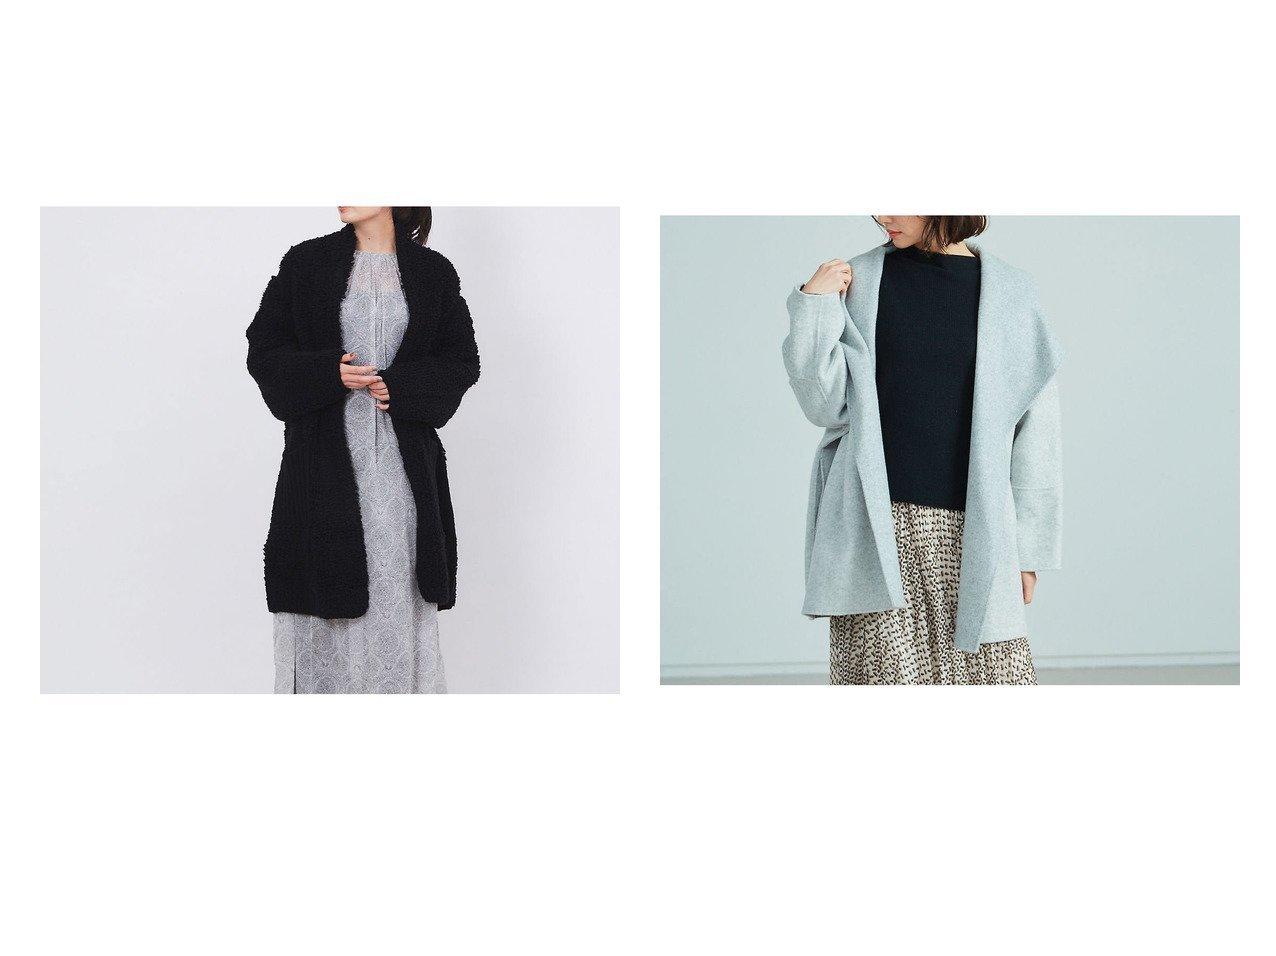 【Rouge vif la cle/ルージュヴィフラクレ】の【BRAHMIN】リバーコート&【venit】パイルニットカーディガン Rouge vif la cleのおすすめ!人気、トレンド・レディースファッションの通販  おすすめで人気の流行・トレンド、ファッションの通販商品 メンズファッション・キッズファッション・インテリア・家具・レディースファッション・服の通販 founy(ファニー) https://founy.com/ ファッション Fashion レディースファッション WOMEN トップス Tops Tshirt ニット Knit Tops カーディガン Cardigans アウター Coat Outerwear コート Coats アクリル ムートン リラックス A/W 秋冬 AW Autumn/Winter / FW Fall-Winter 2020年 2020 2020-2021 秋冬 A/W AW Autumn/Winter / FW Fall-Winter 2020-2021 エアリー  ID:crp329100000017626